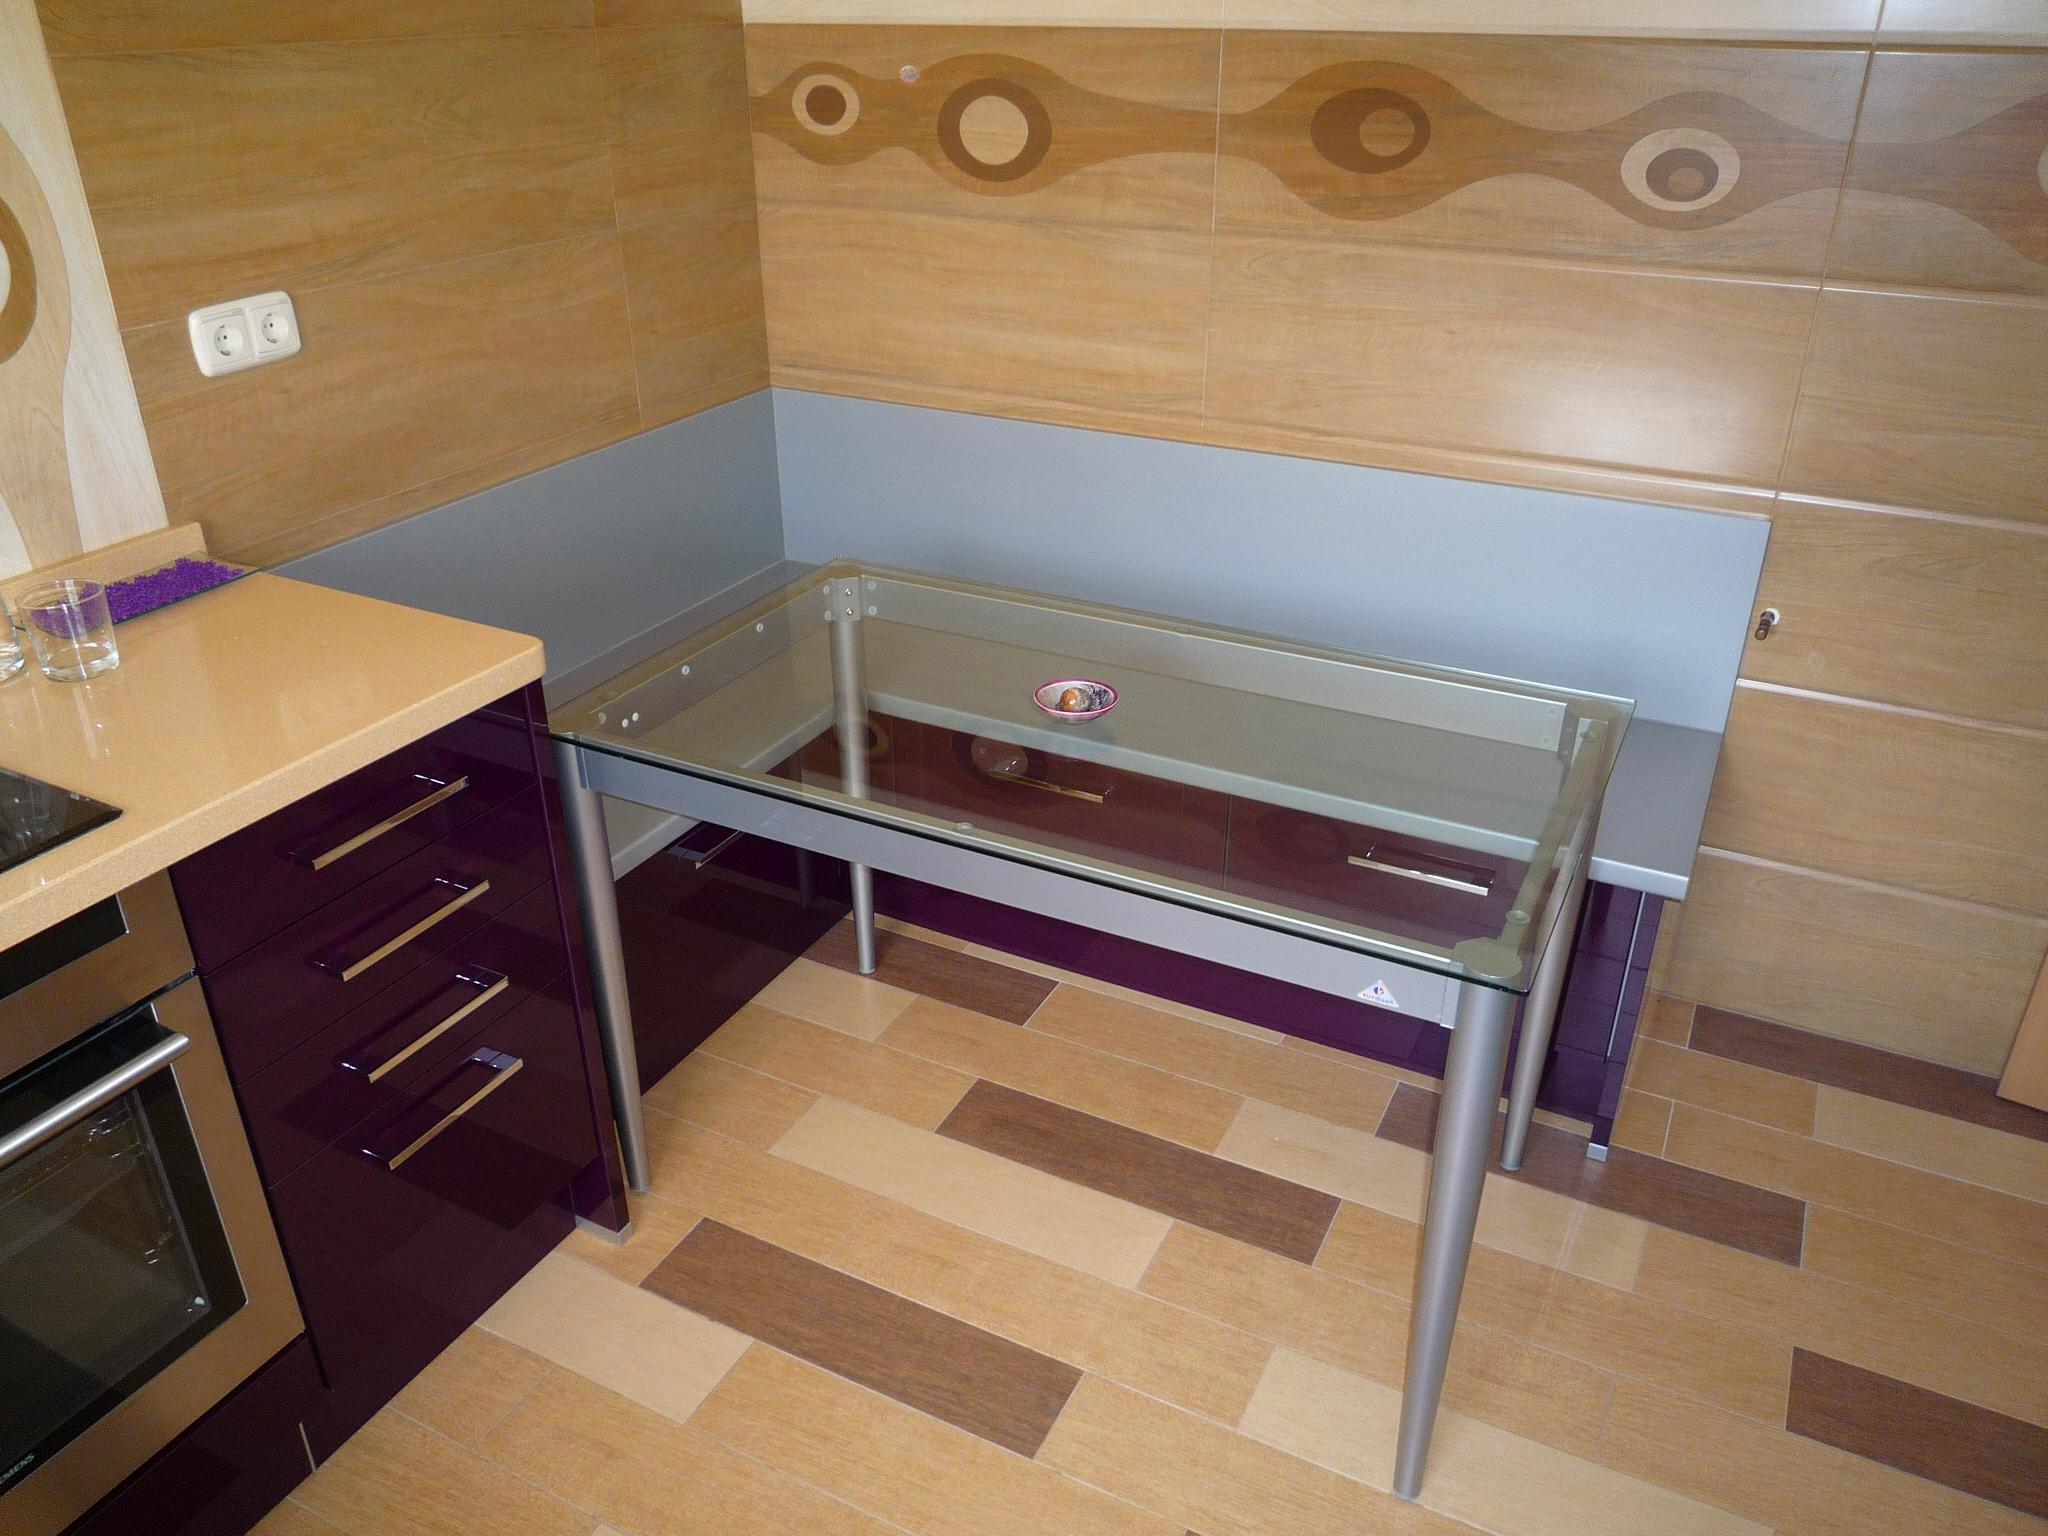 Cocinas para montar elegant descargar en pdf with cocinas - Montar muebles de cocina ...